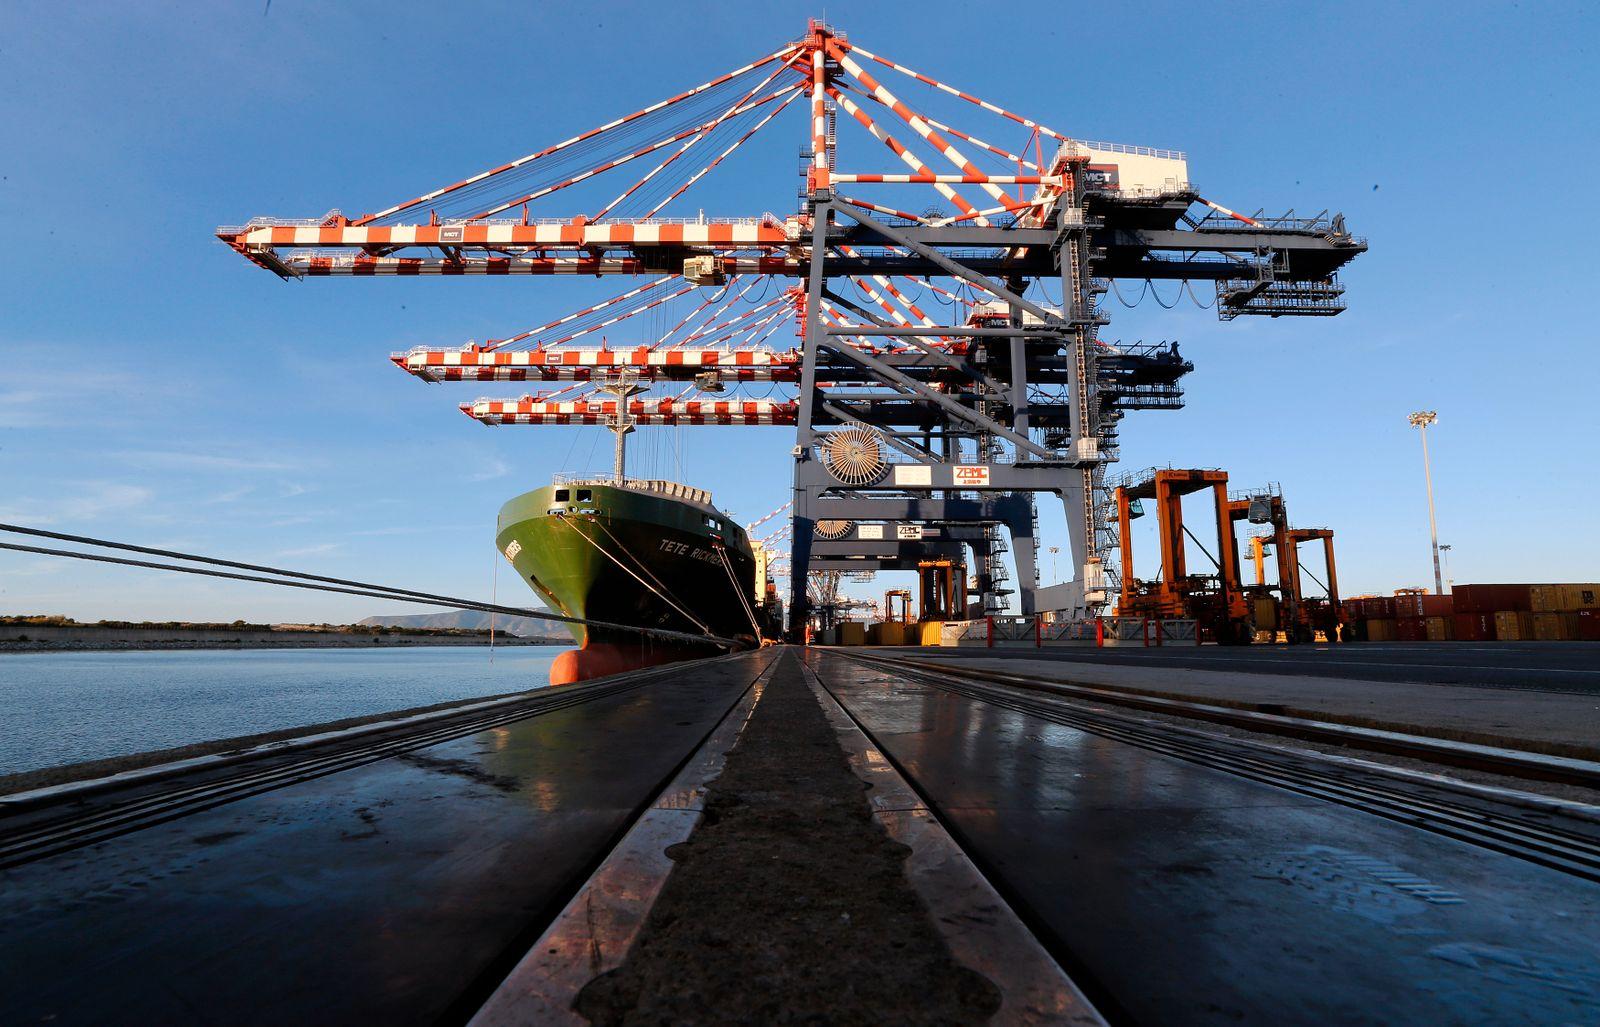 Conainerschiff in Gioia Tauro / größter Containerhafen Italiens